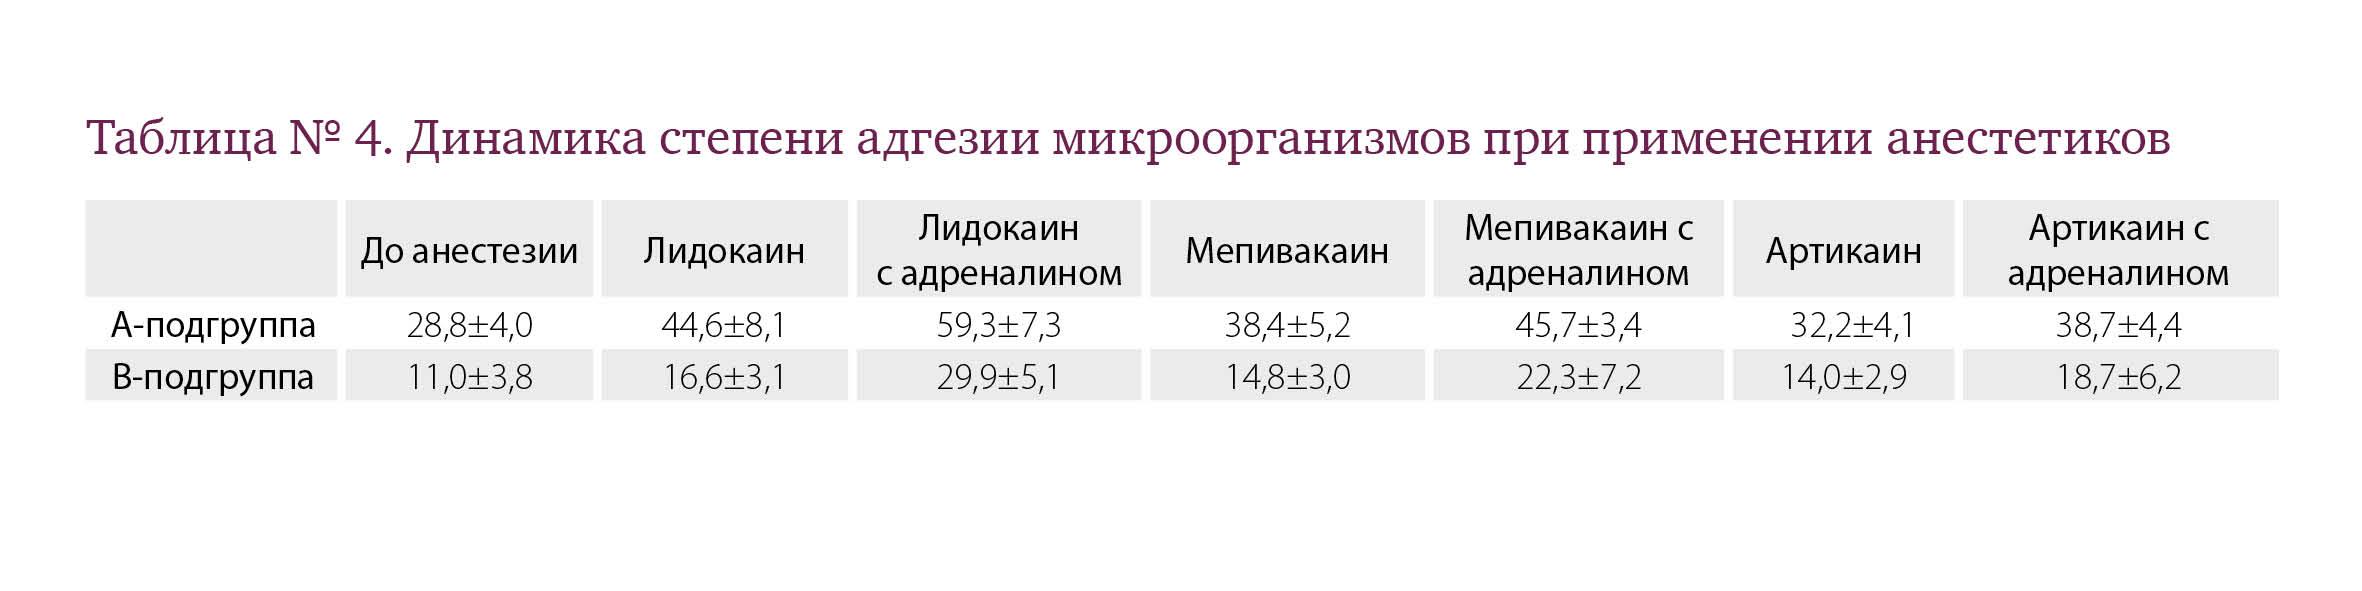 Таблица № 4. Динамика степени адгезии микроорганизмов при применении анестетиков